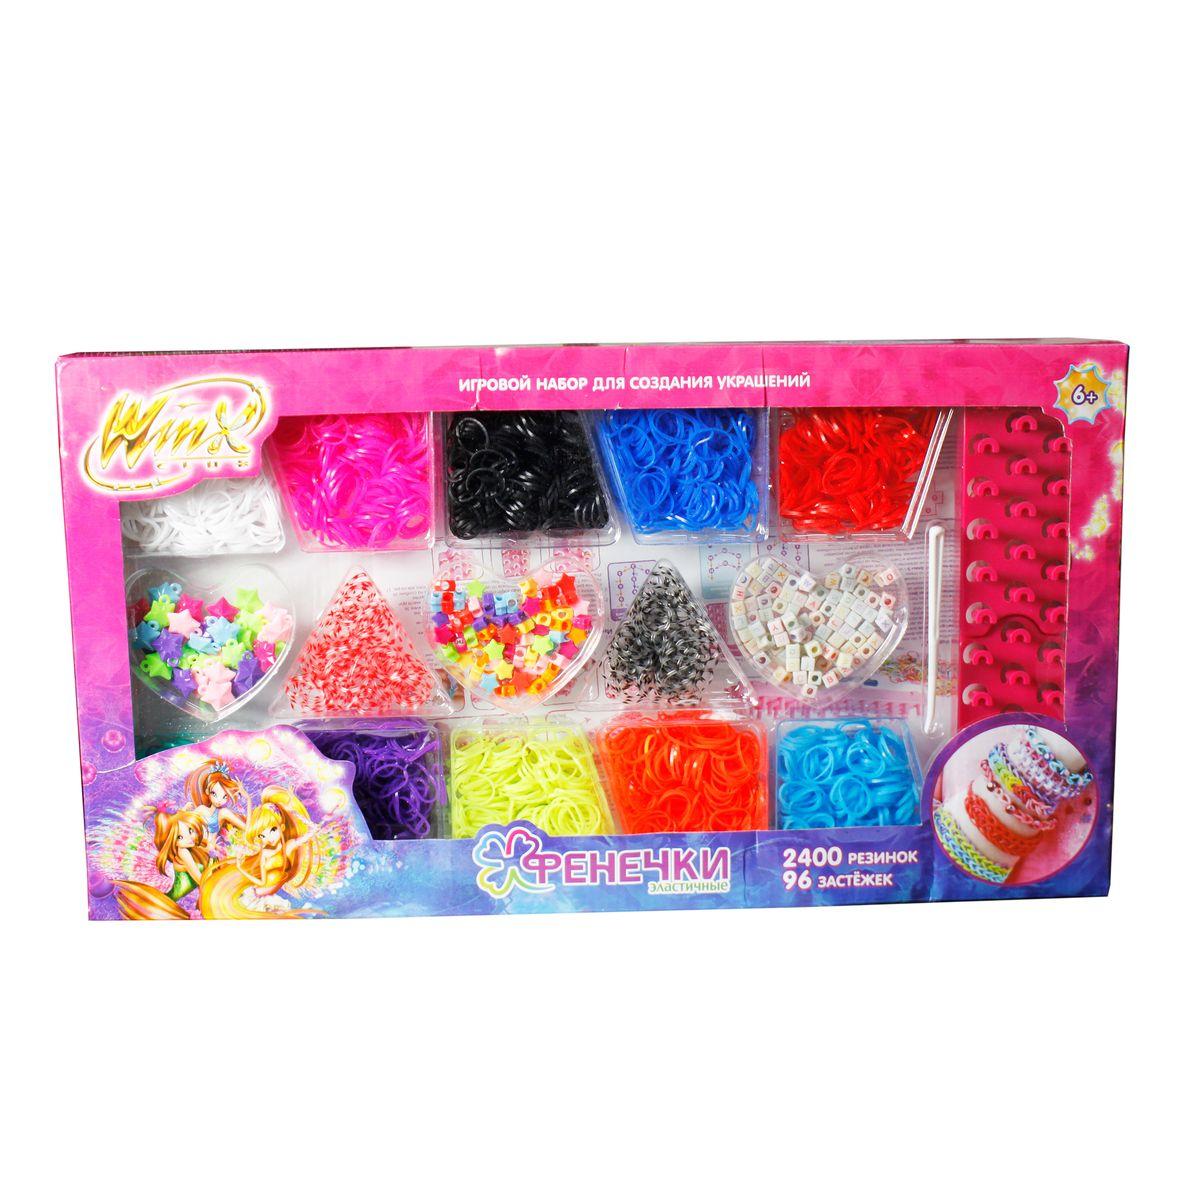 1TOY Набор для плетения Набор фенечек из 10 цветов с аксессуарами WinxТ58333Набор фенечек: 10 цветов, 2400 резинок,шармы,бисер, 96 застёжек,1 крючок,3 станка для плетения, в коробке, 1toy Winx